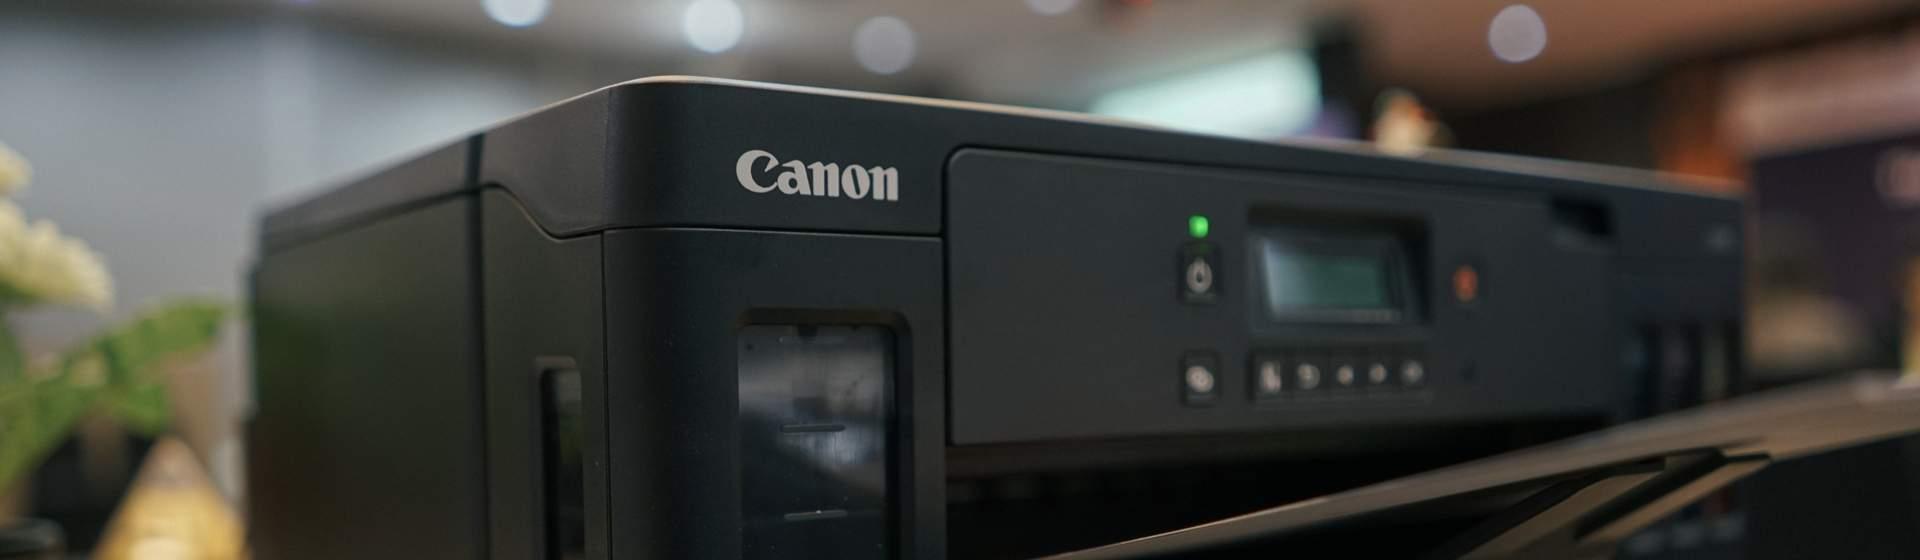 Melhor impressora Canon: 4 bons modelos para comprar em 2021